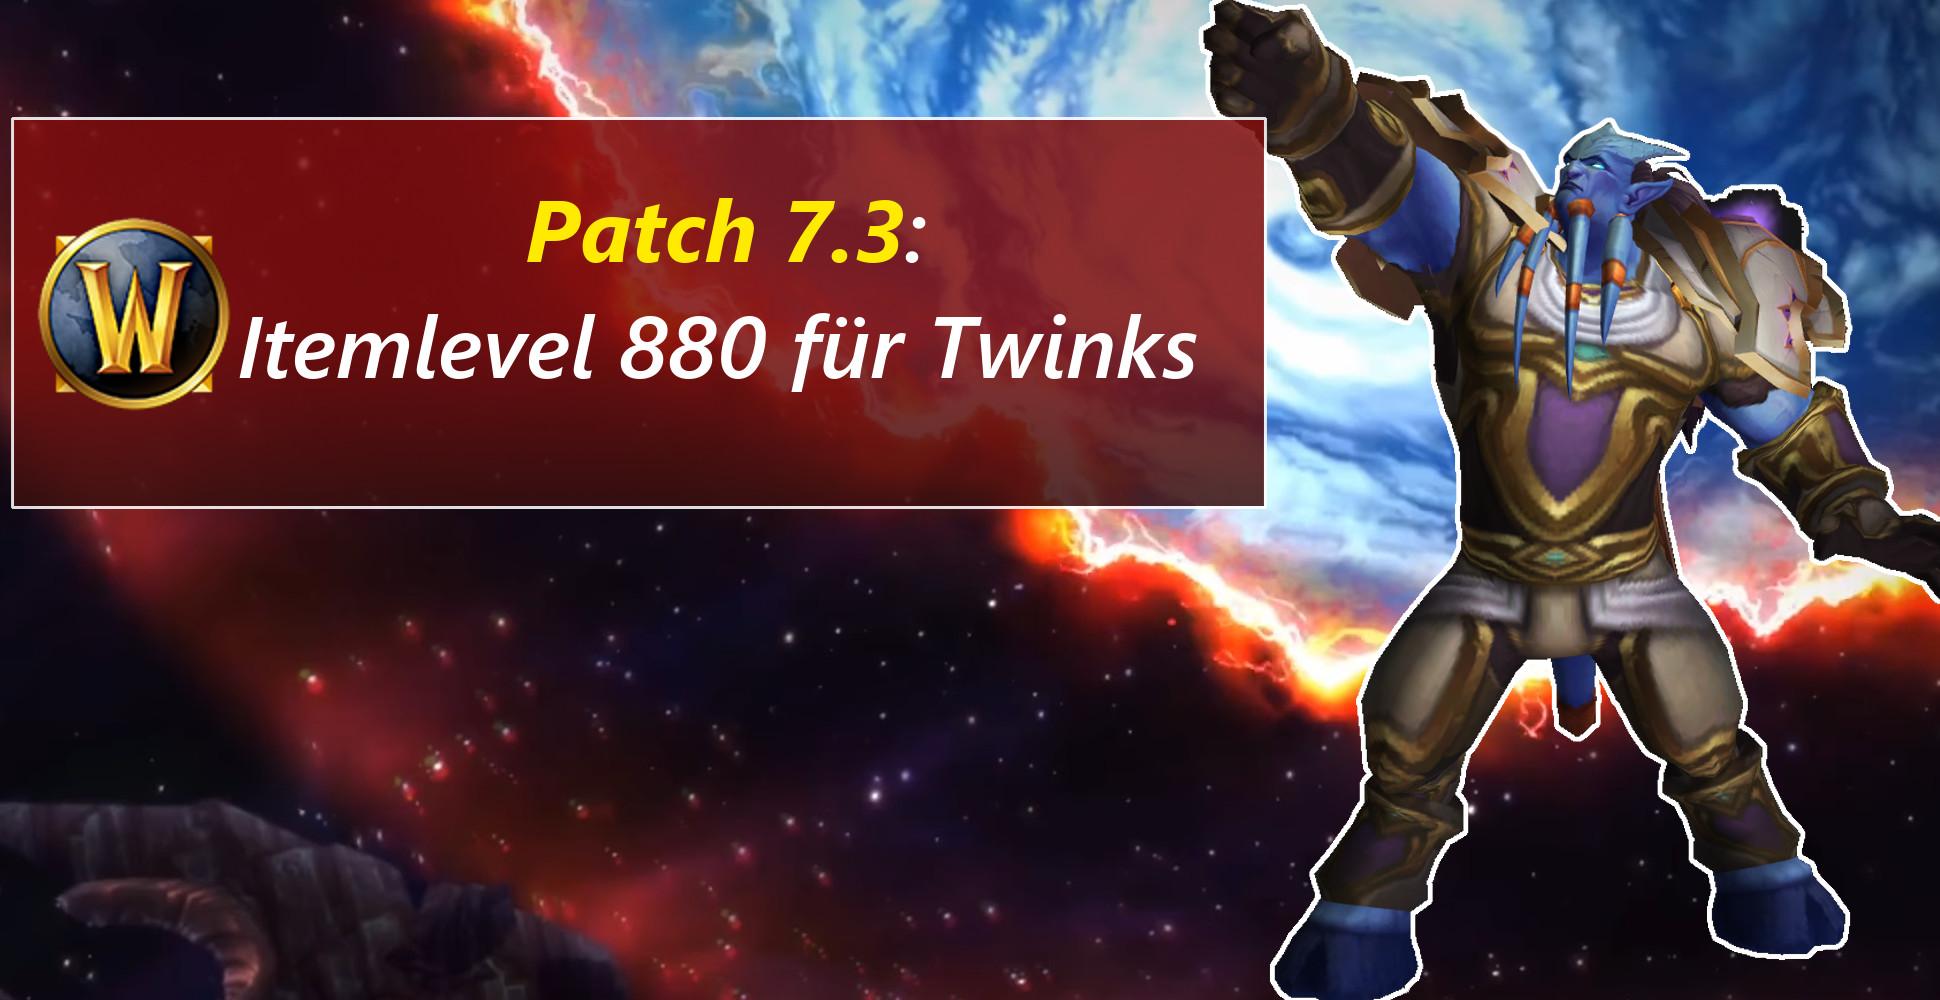 WoW: Twinks ausstatten leicht gemacht – Patch 7.3